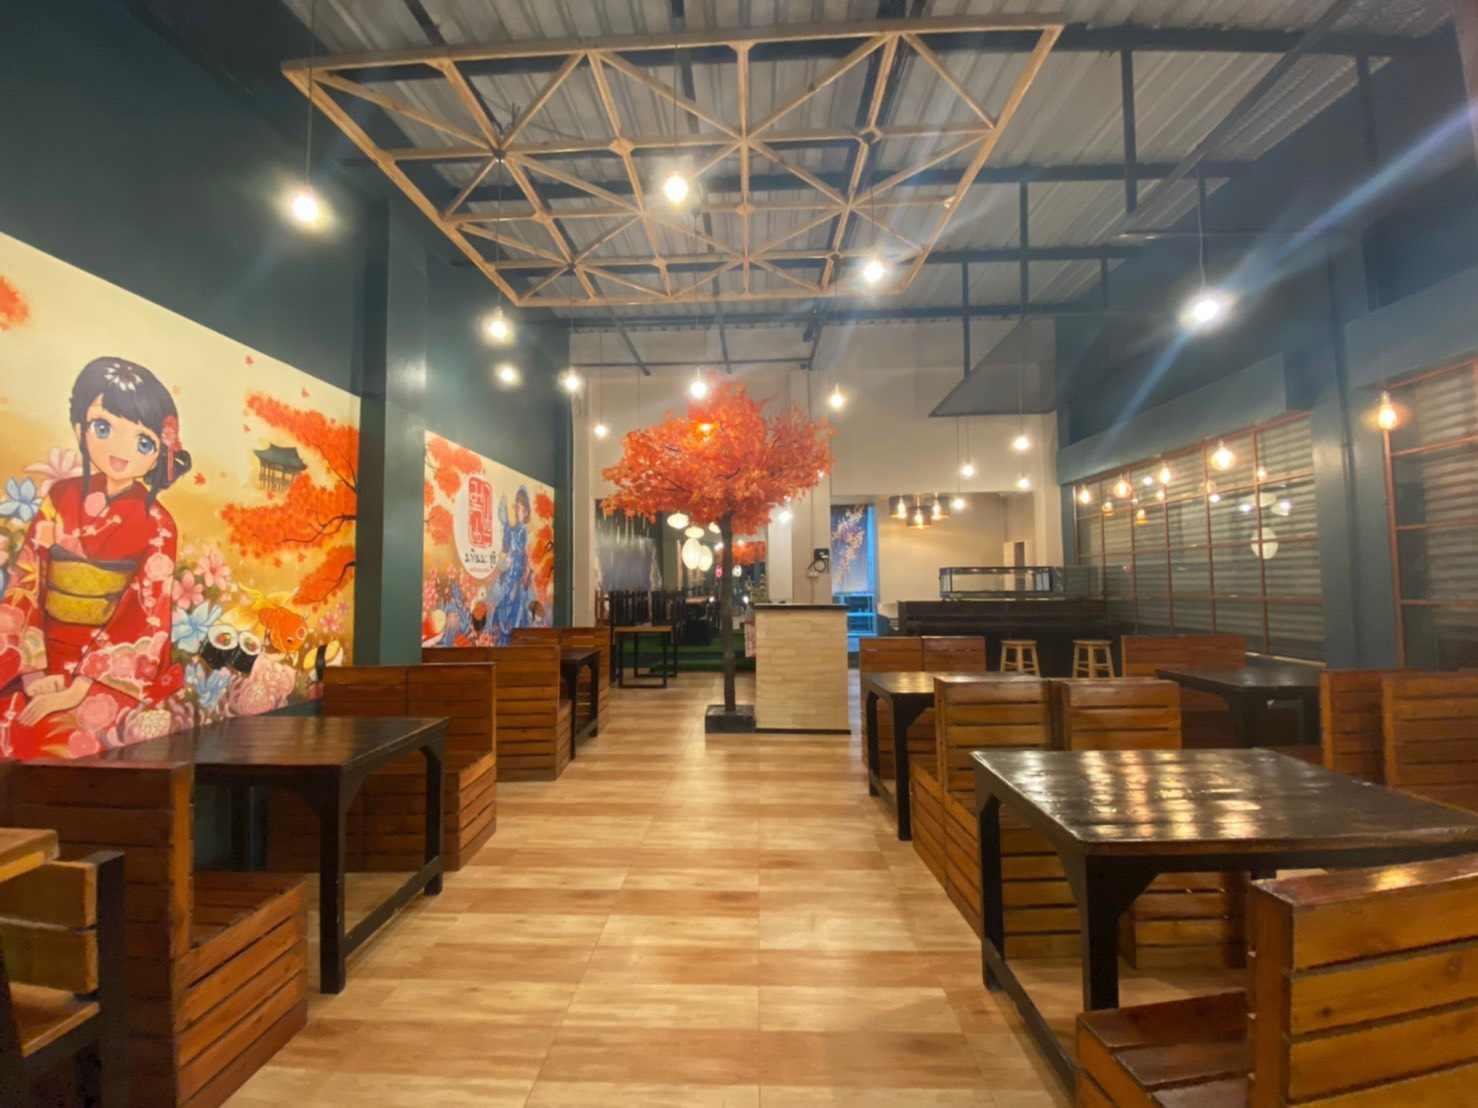 ภาพเซ้ง!! ร้านอาหารญี่ปุ่น-Sushi ให้อุปกรณ์ครบ @ในโครงการสวนธนพลาซ่า 369 (บางมด กทม)